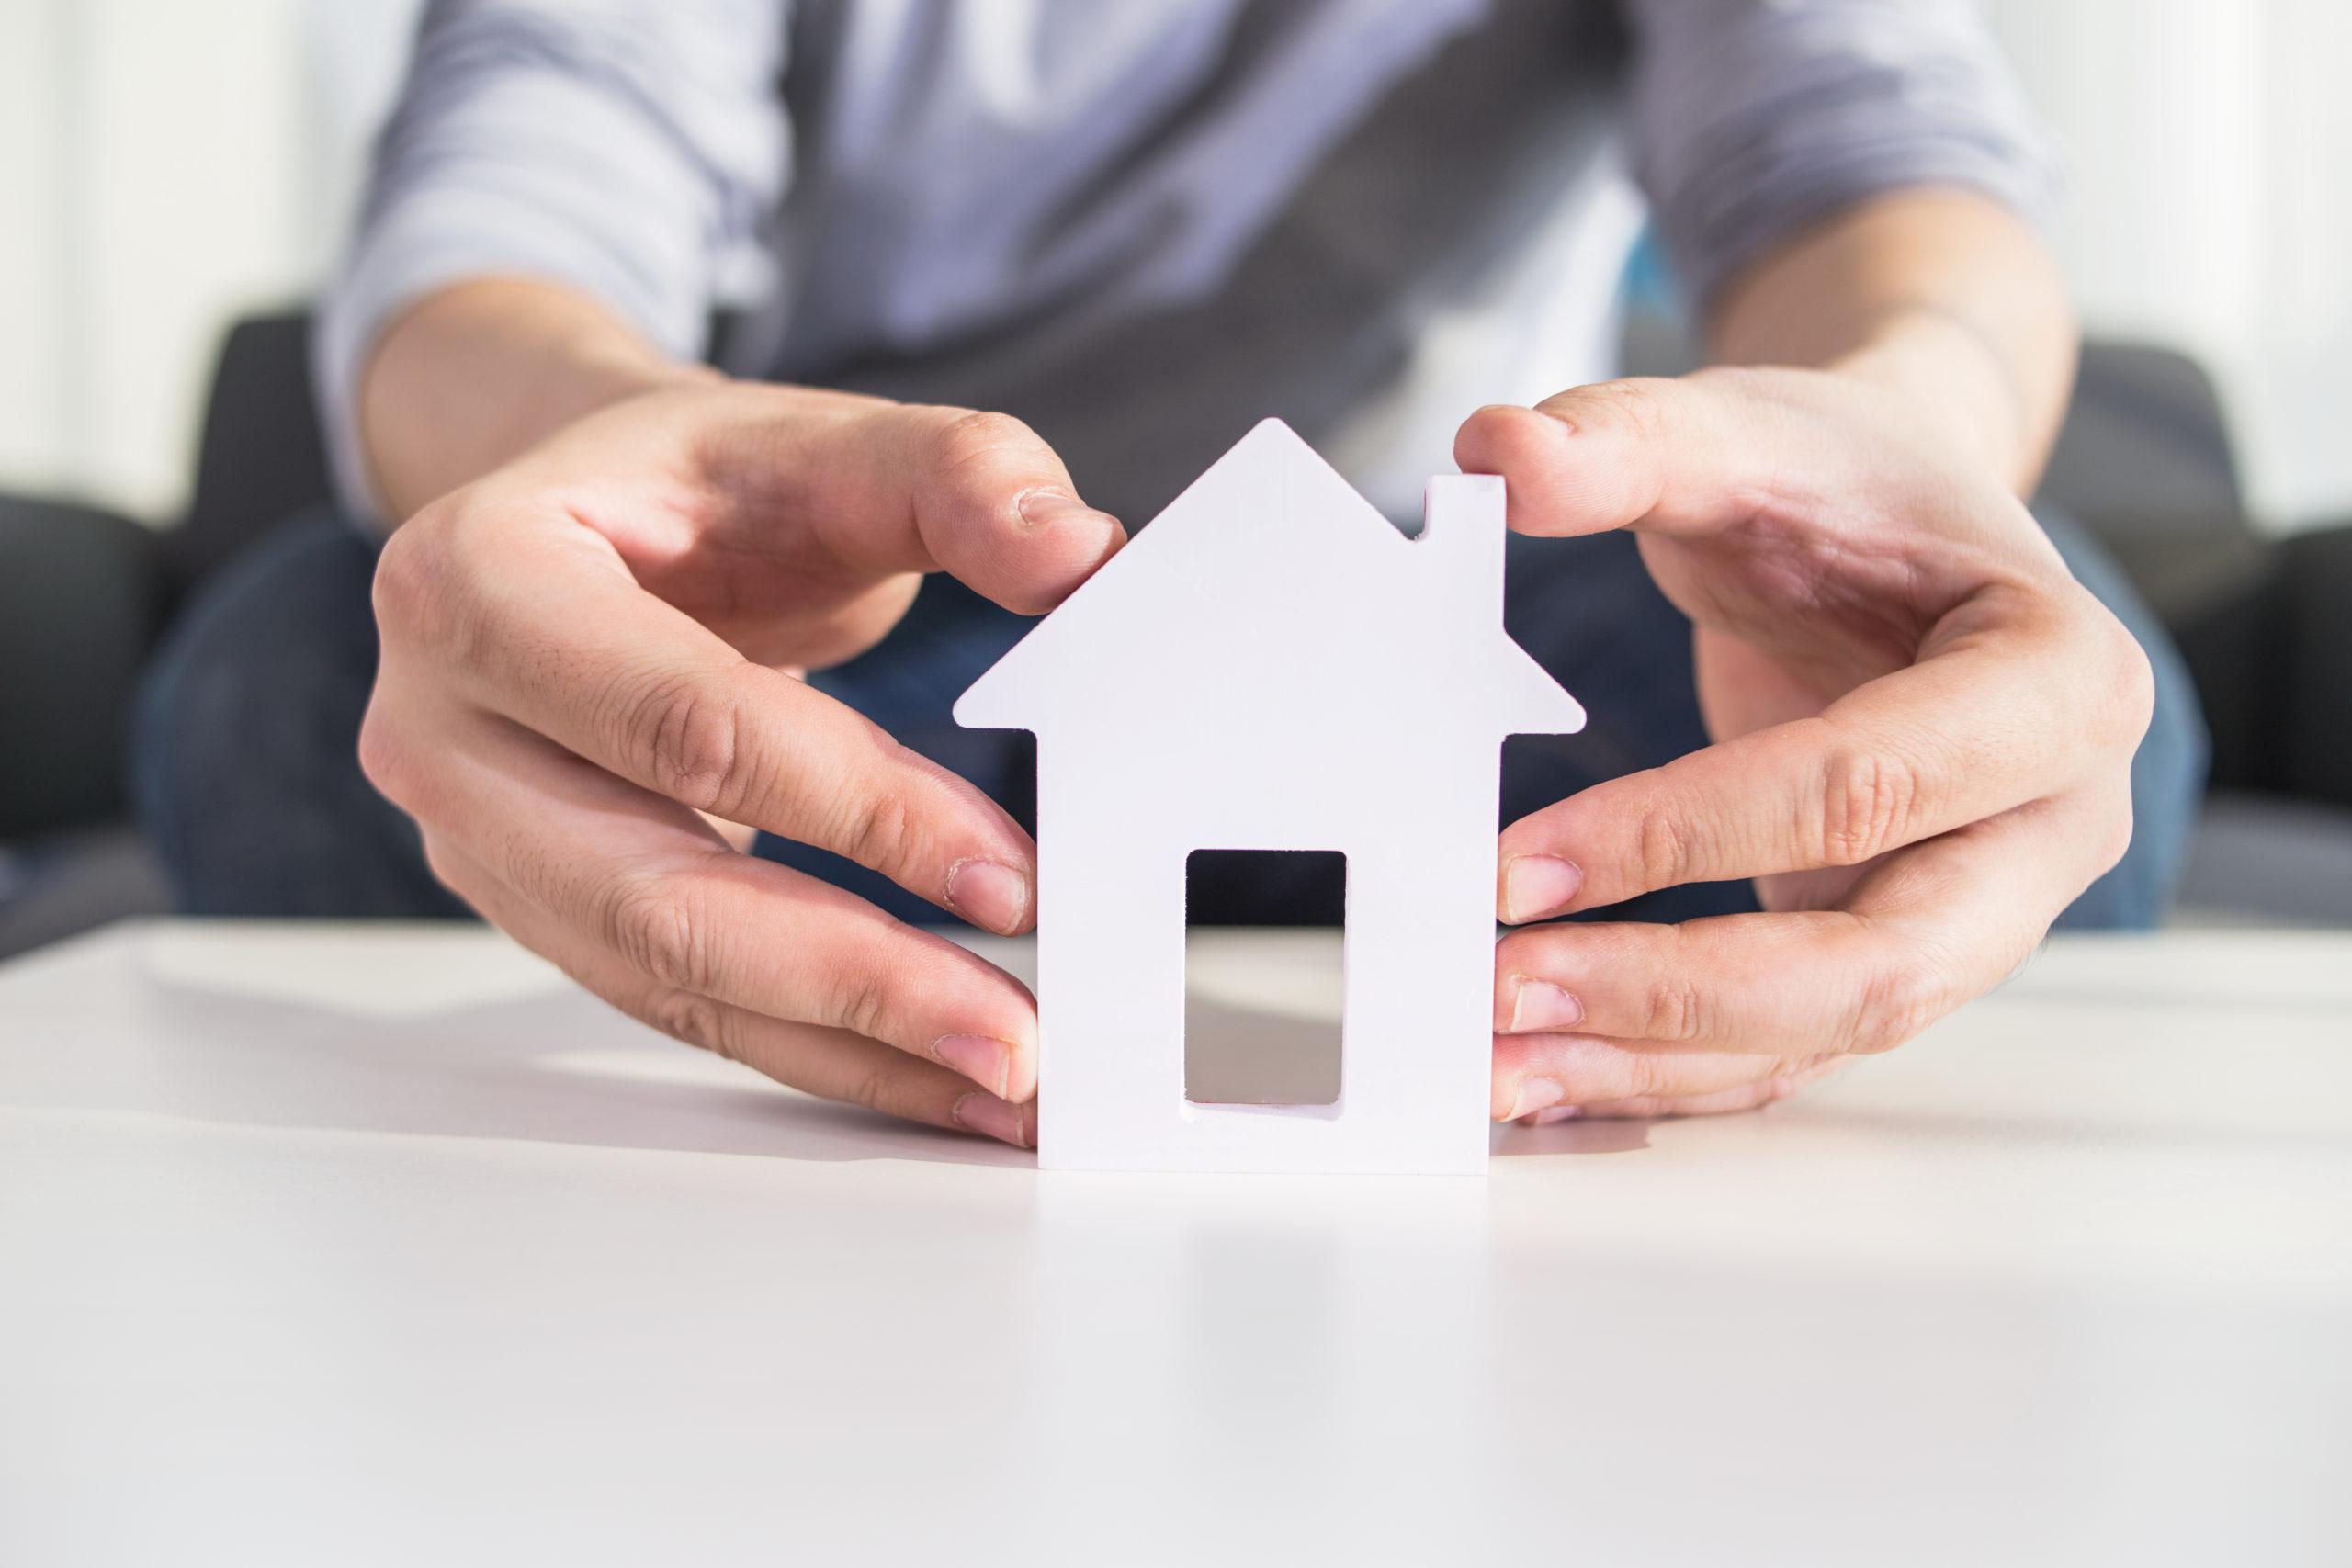 seguridad privada en complejo inmobiliario